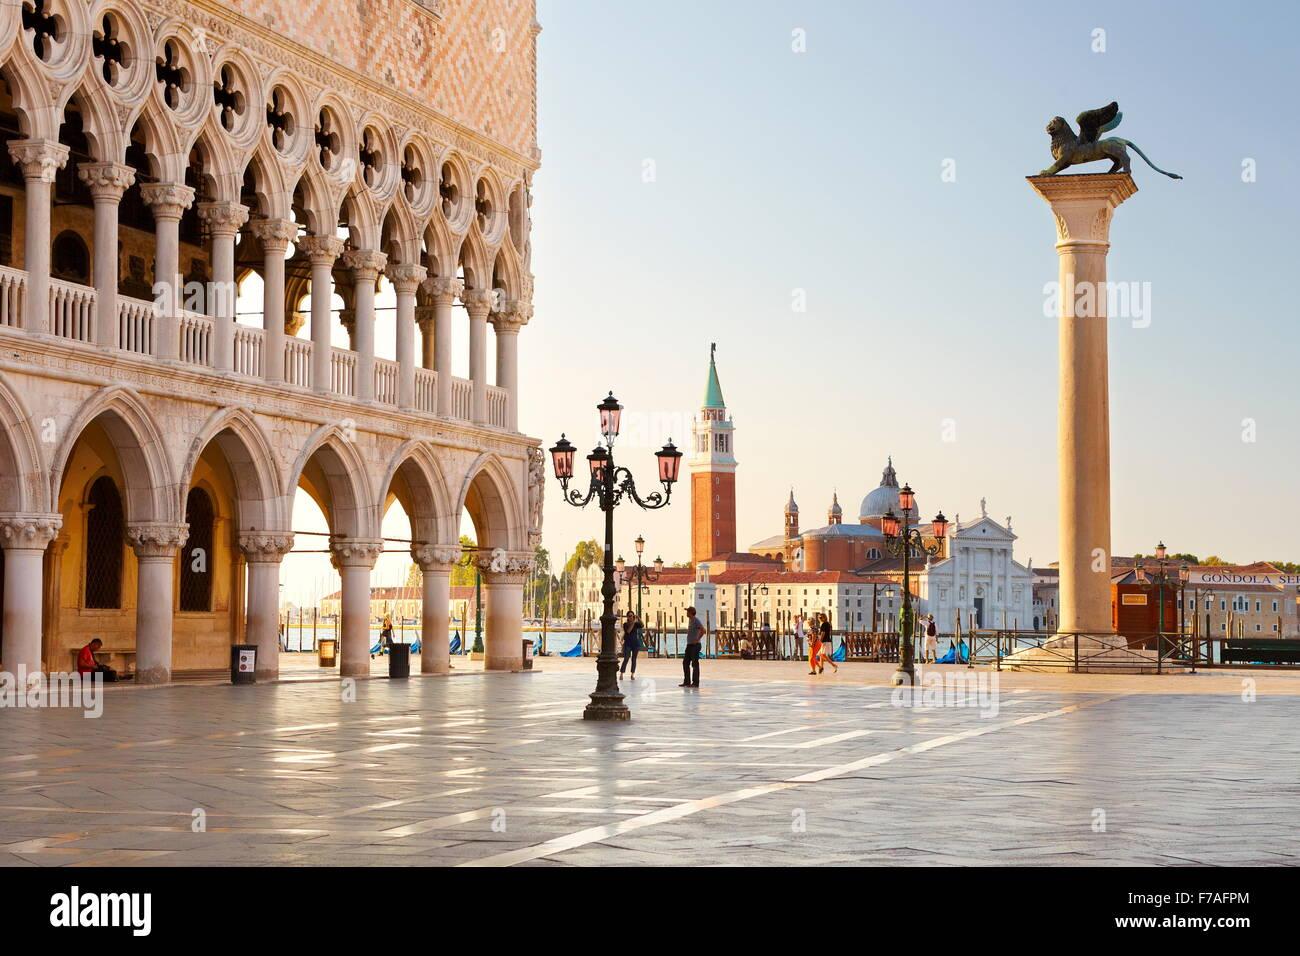 St. Mark's Square and church San Giorgio Maggiore, Venice, UNESCO World Heritage Site, Veneto, Italy - Stock Image